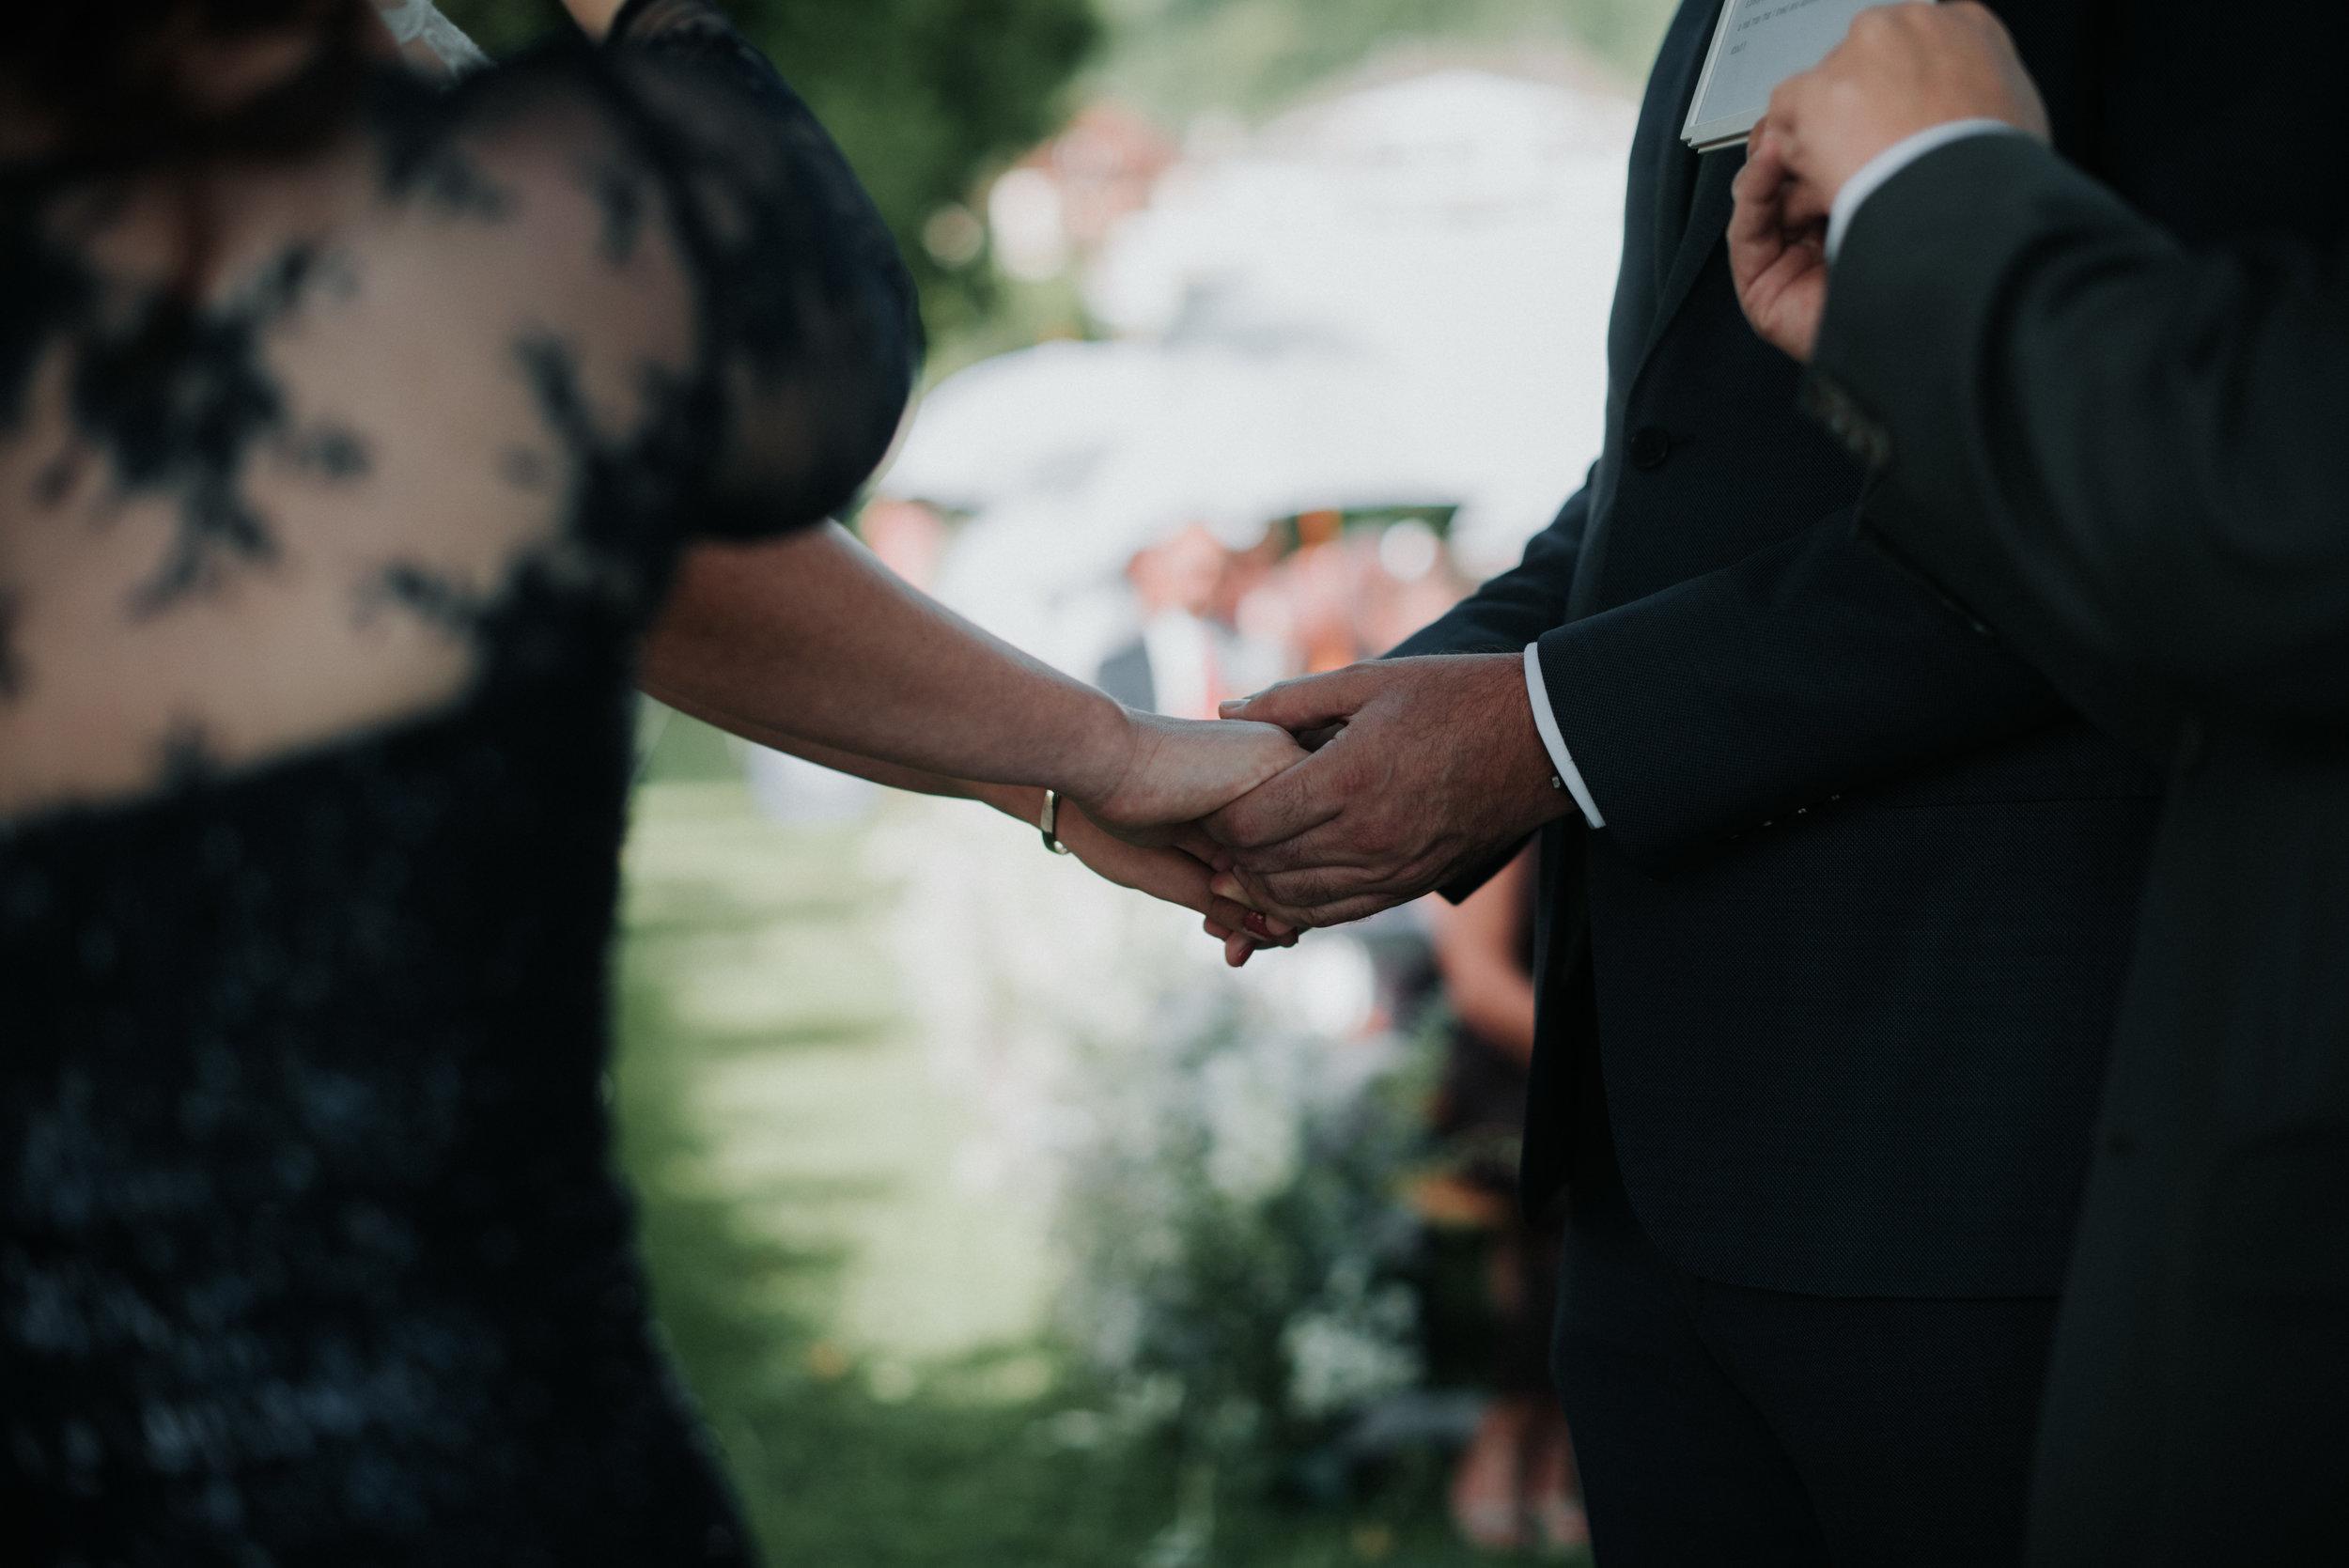 Léa-Fery-photographe-professionnel-lyon-rhone-alpes-portrait-creation-mariage-evenement-evenementiel-famille-0780.jpg